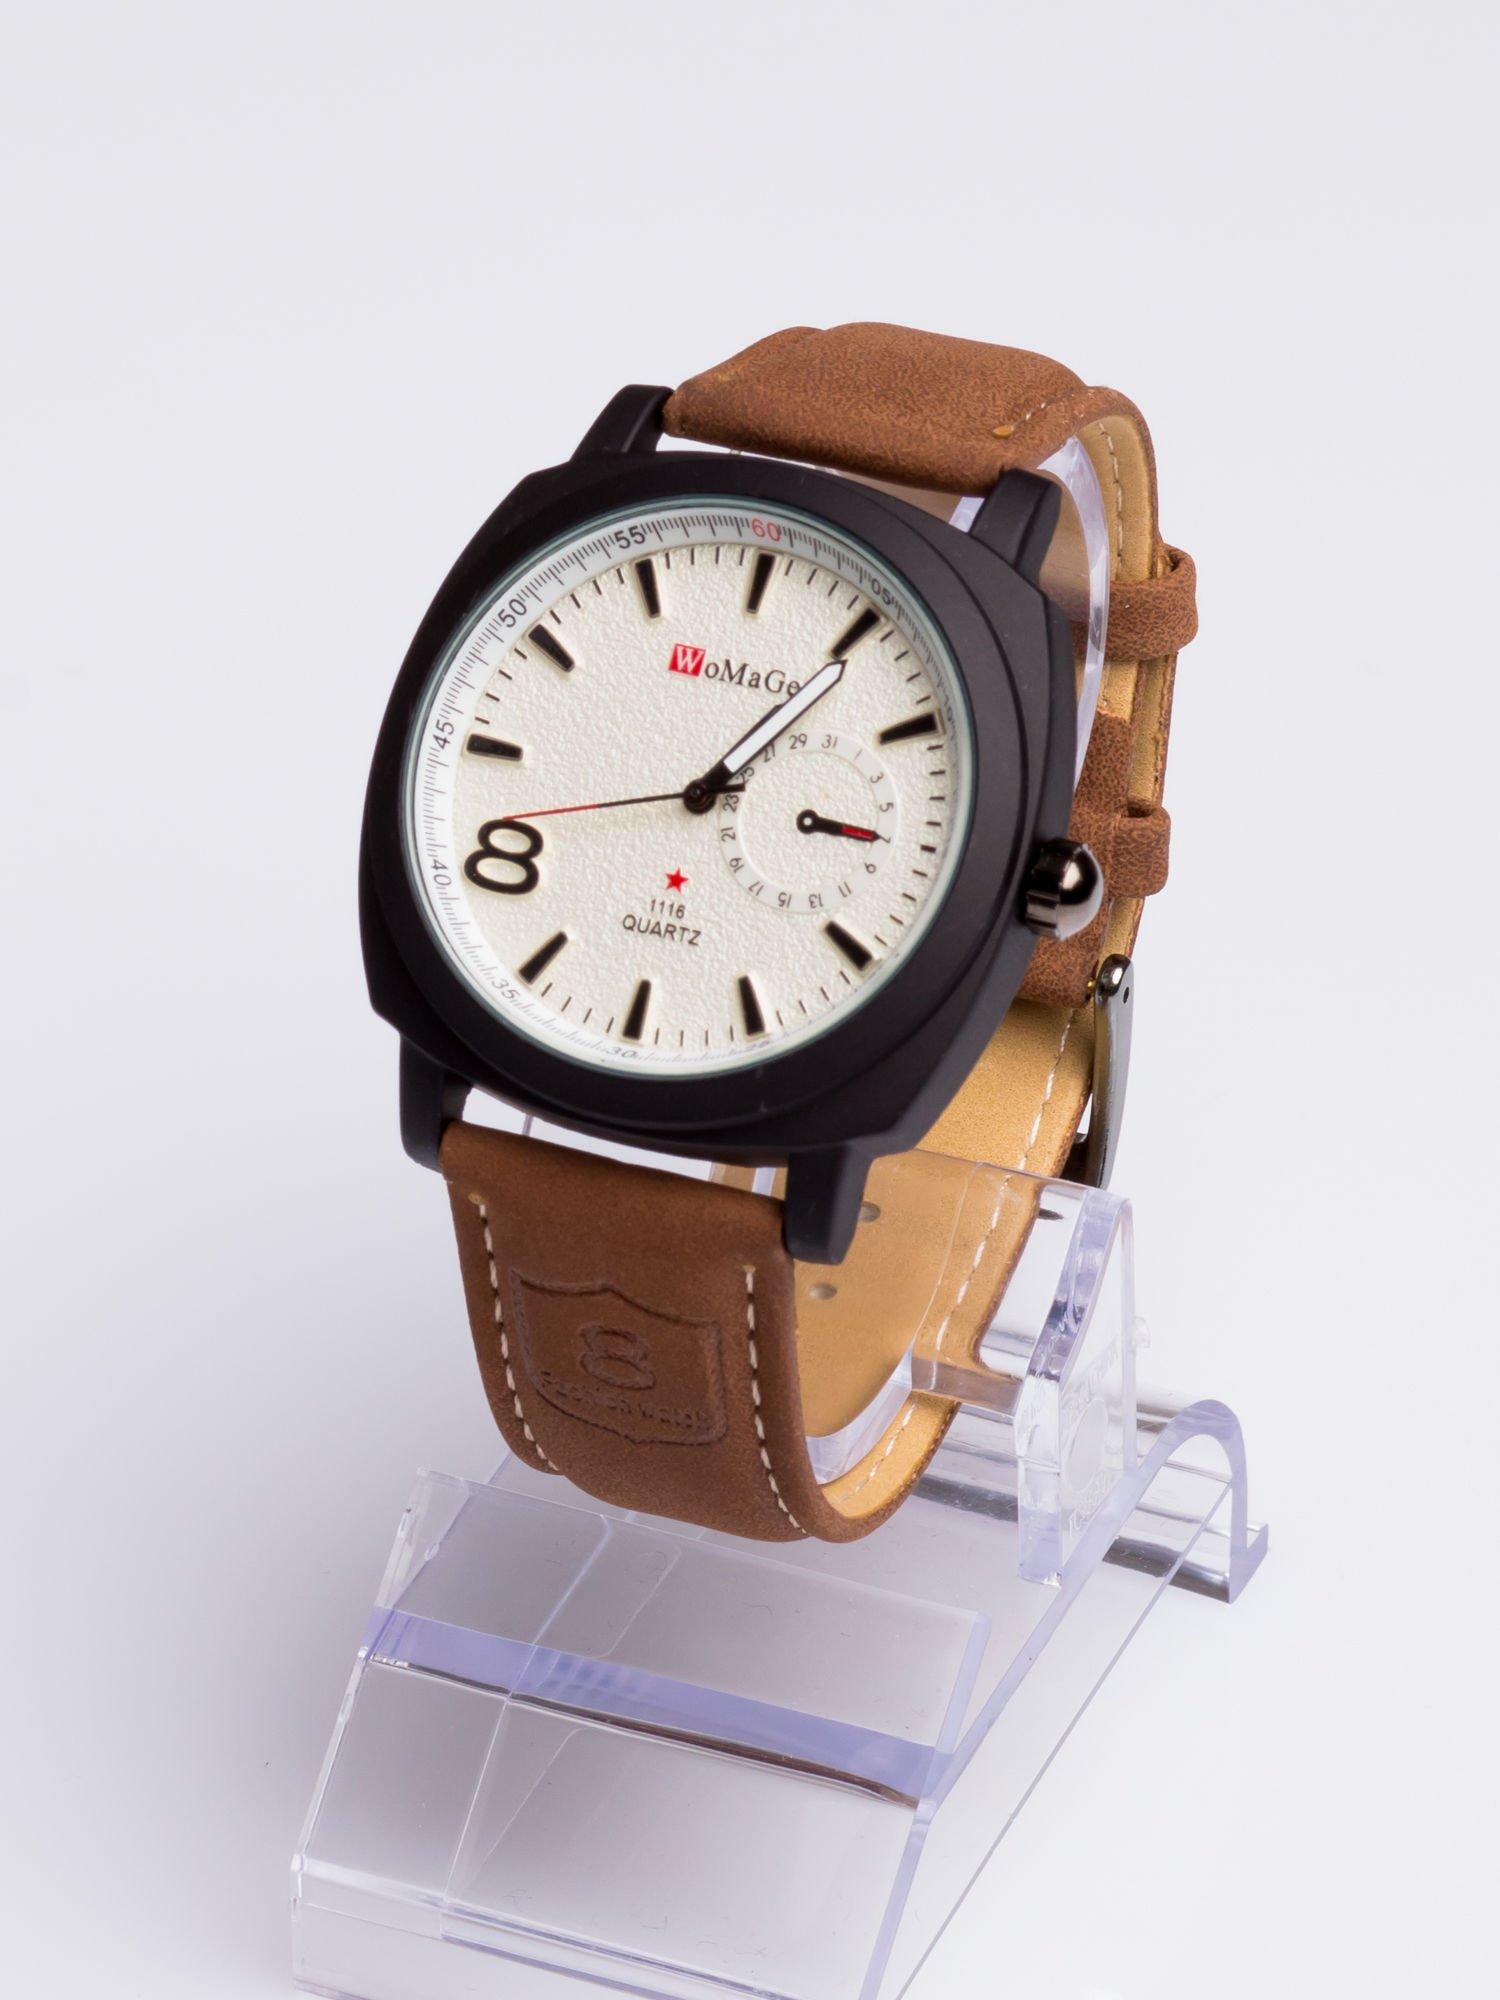 Dla Niego - Gustowny i nowoczesny piękny zegarek męski na skórzanym pasku                                  zdj.                                  2